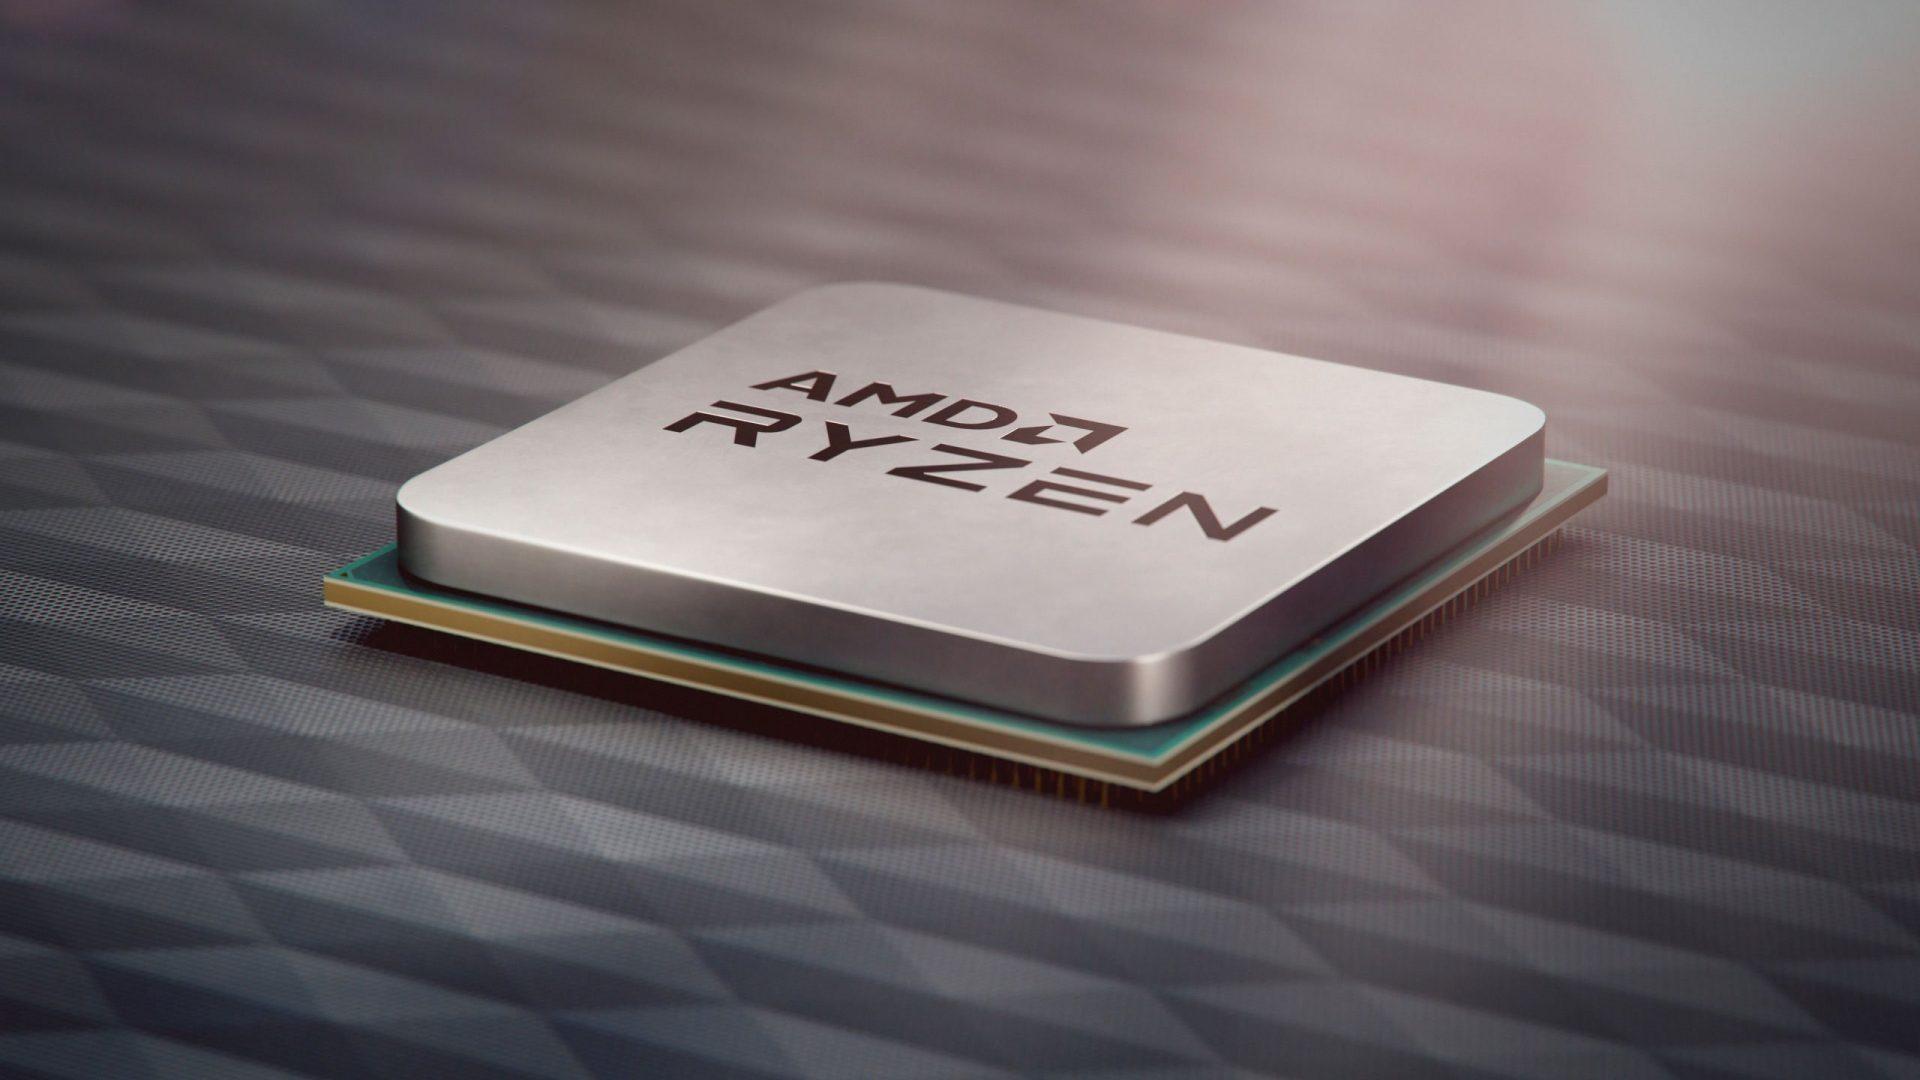 Ryzen 5 5600X, Tek Çekirdek Performansı ile Liderlik Koltuğuna Oturdu